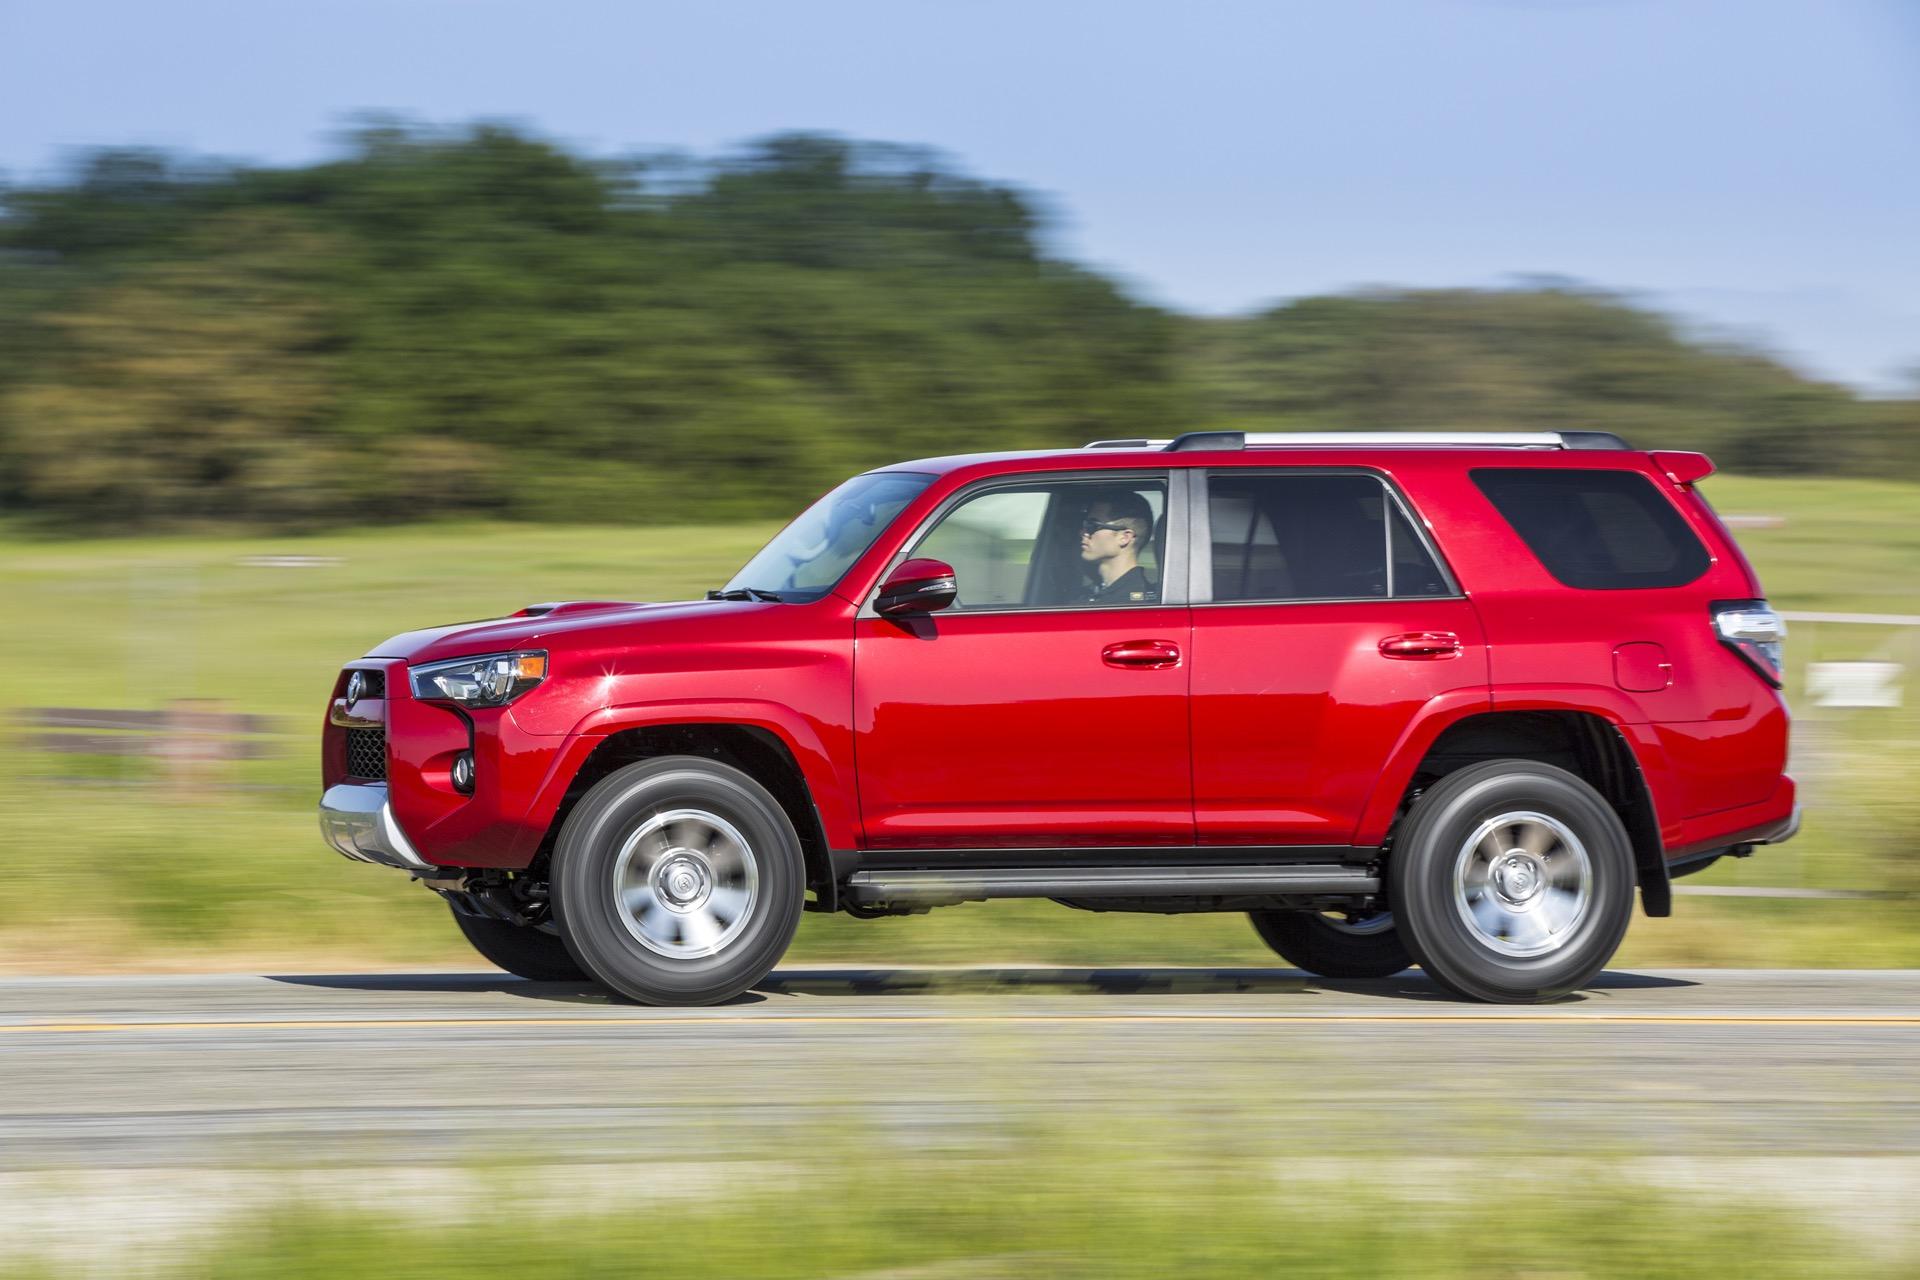 2017 Toyota 4Runner vs 2017 Jeep Wrangler pare Cars